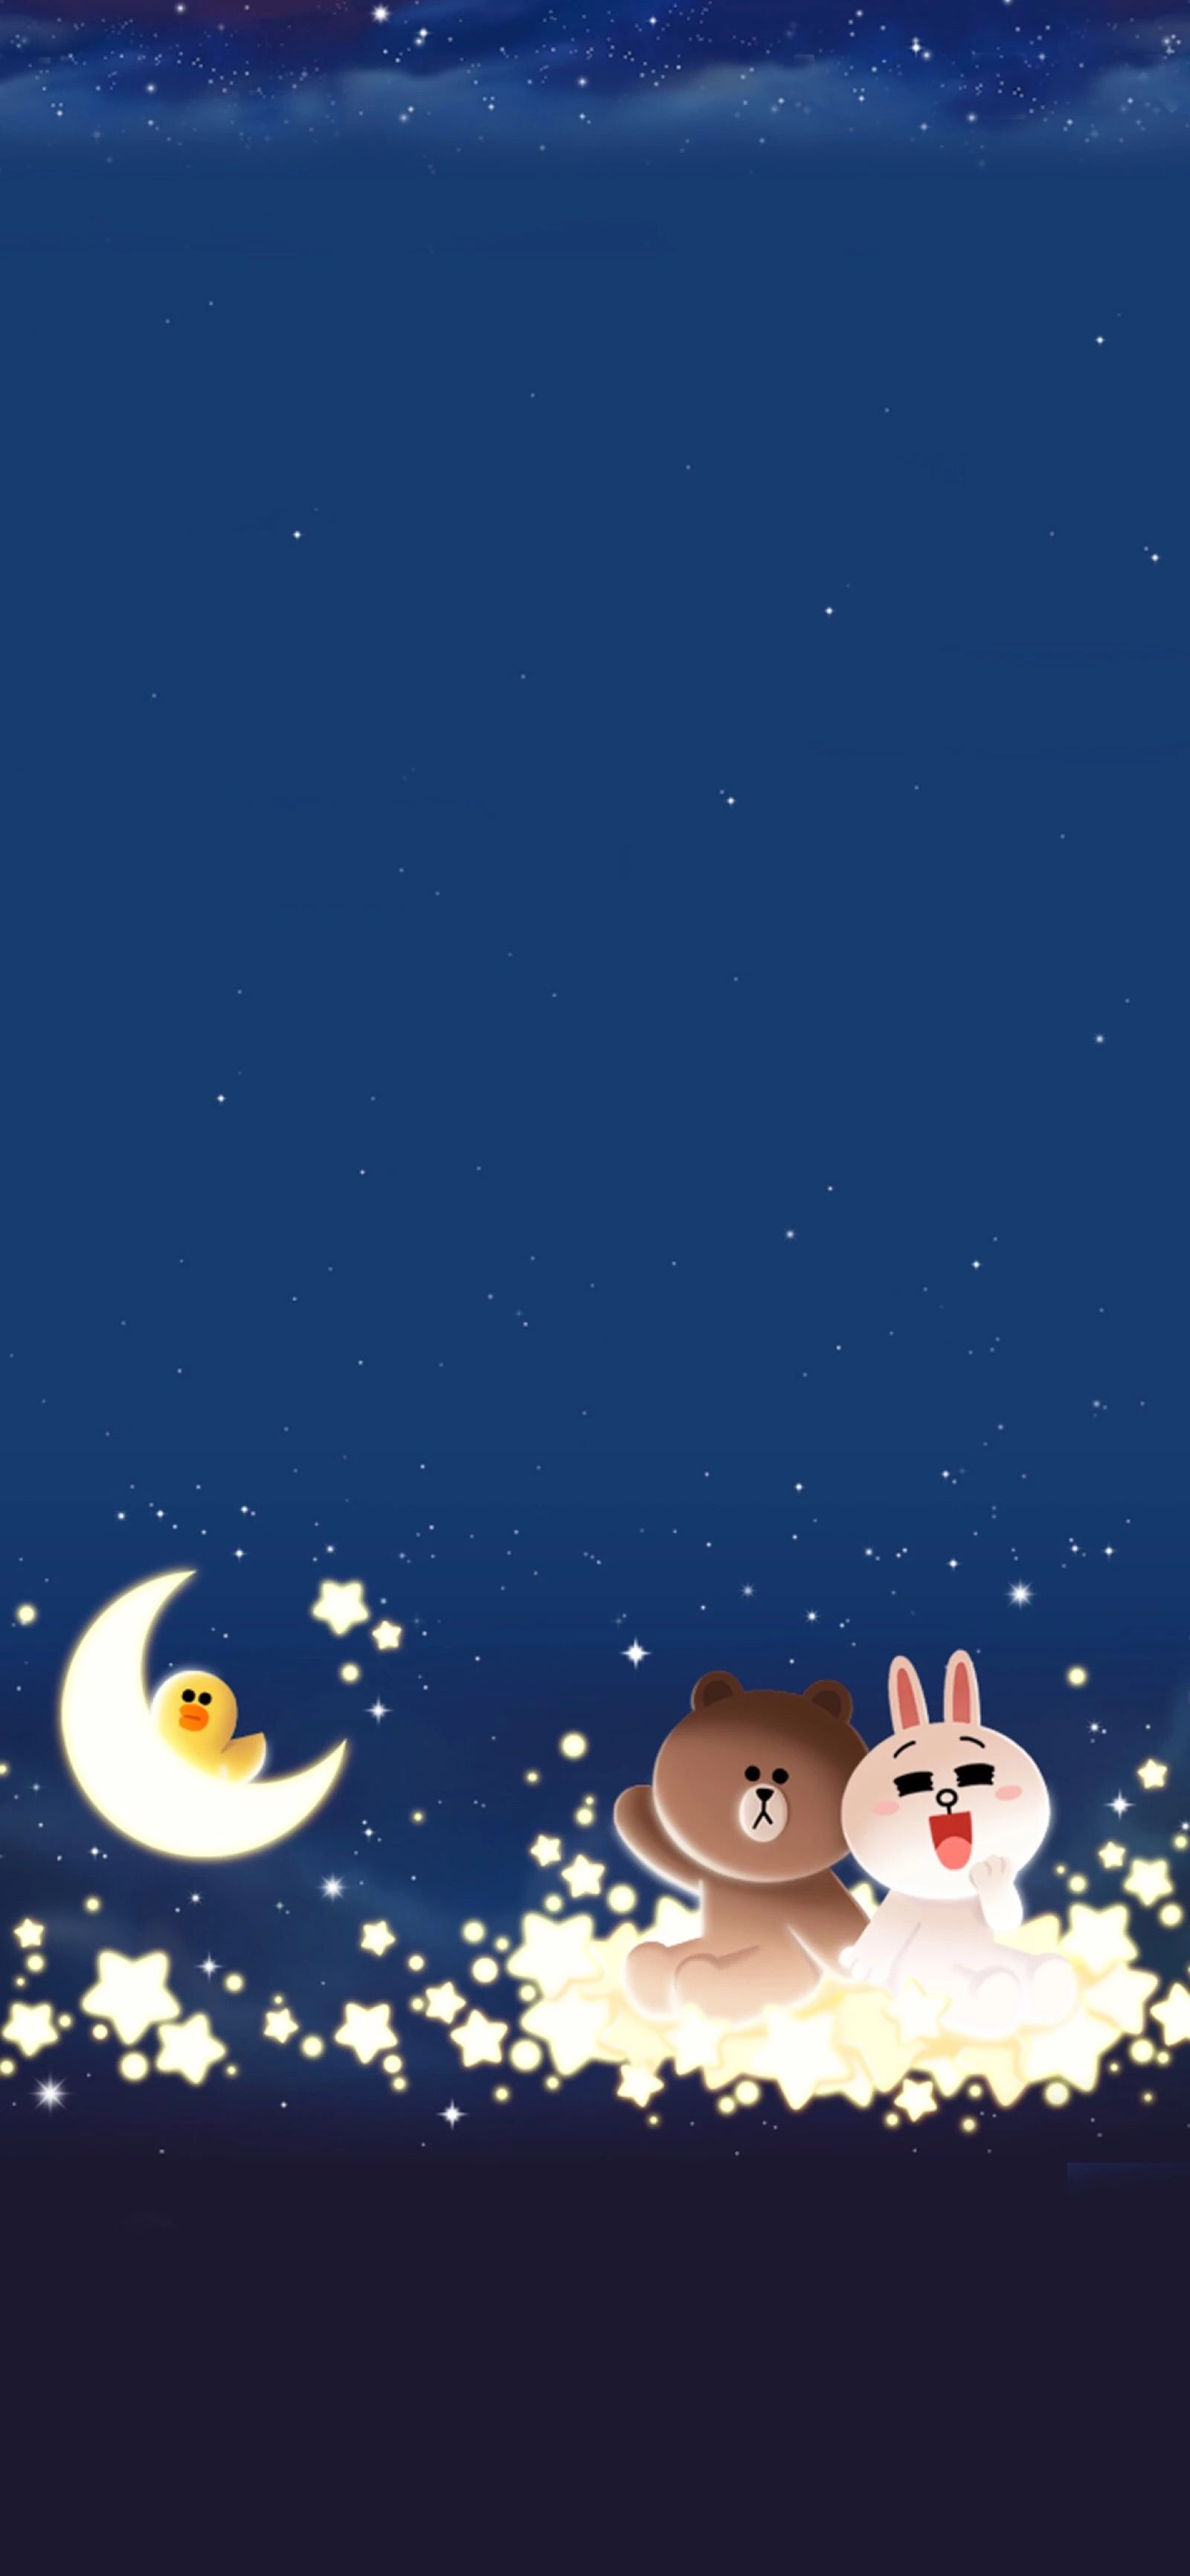 Pin Oleh Nadia Siew Di Wallpaper Line Beruang Coklat Wallpaper Lucu Kartun